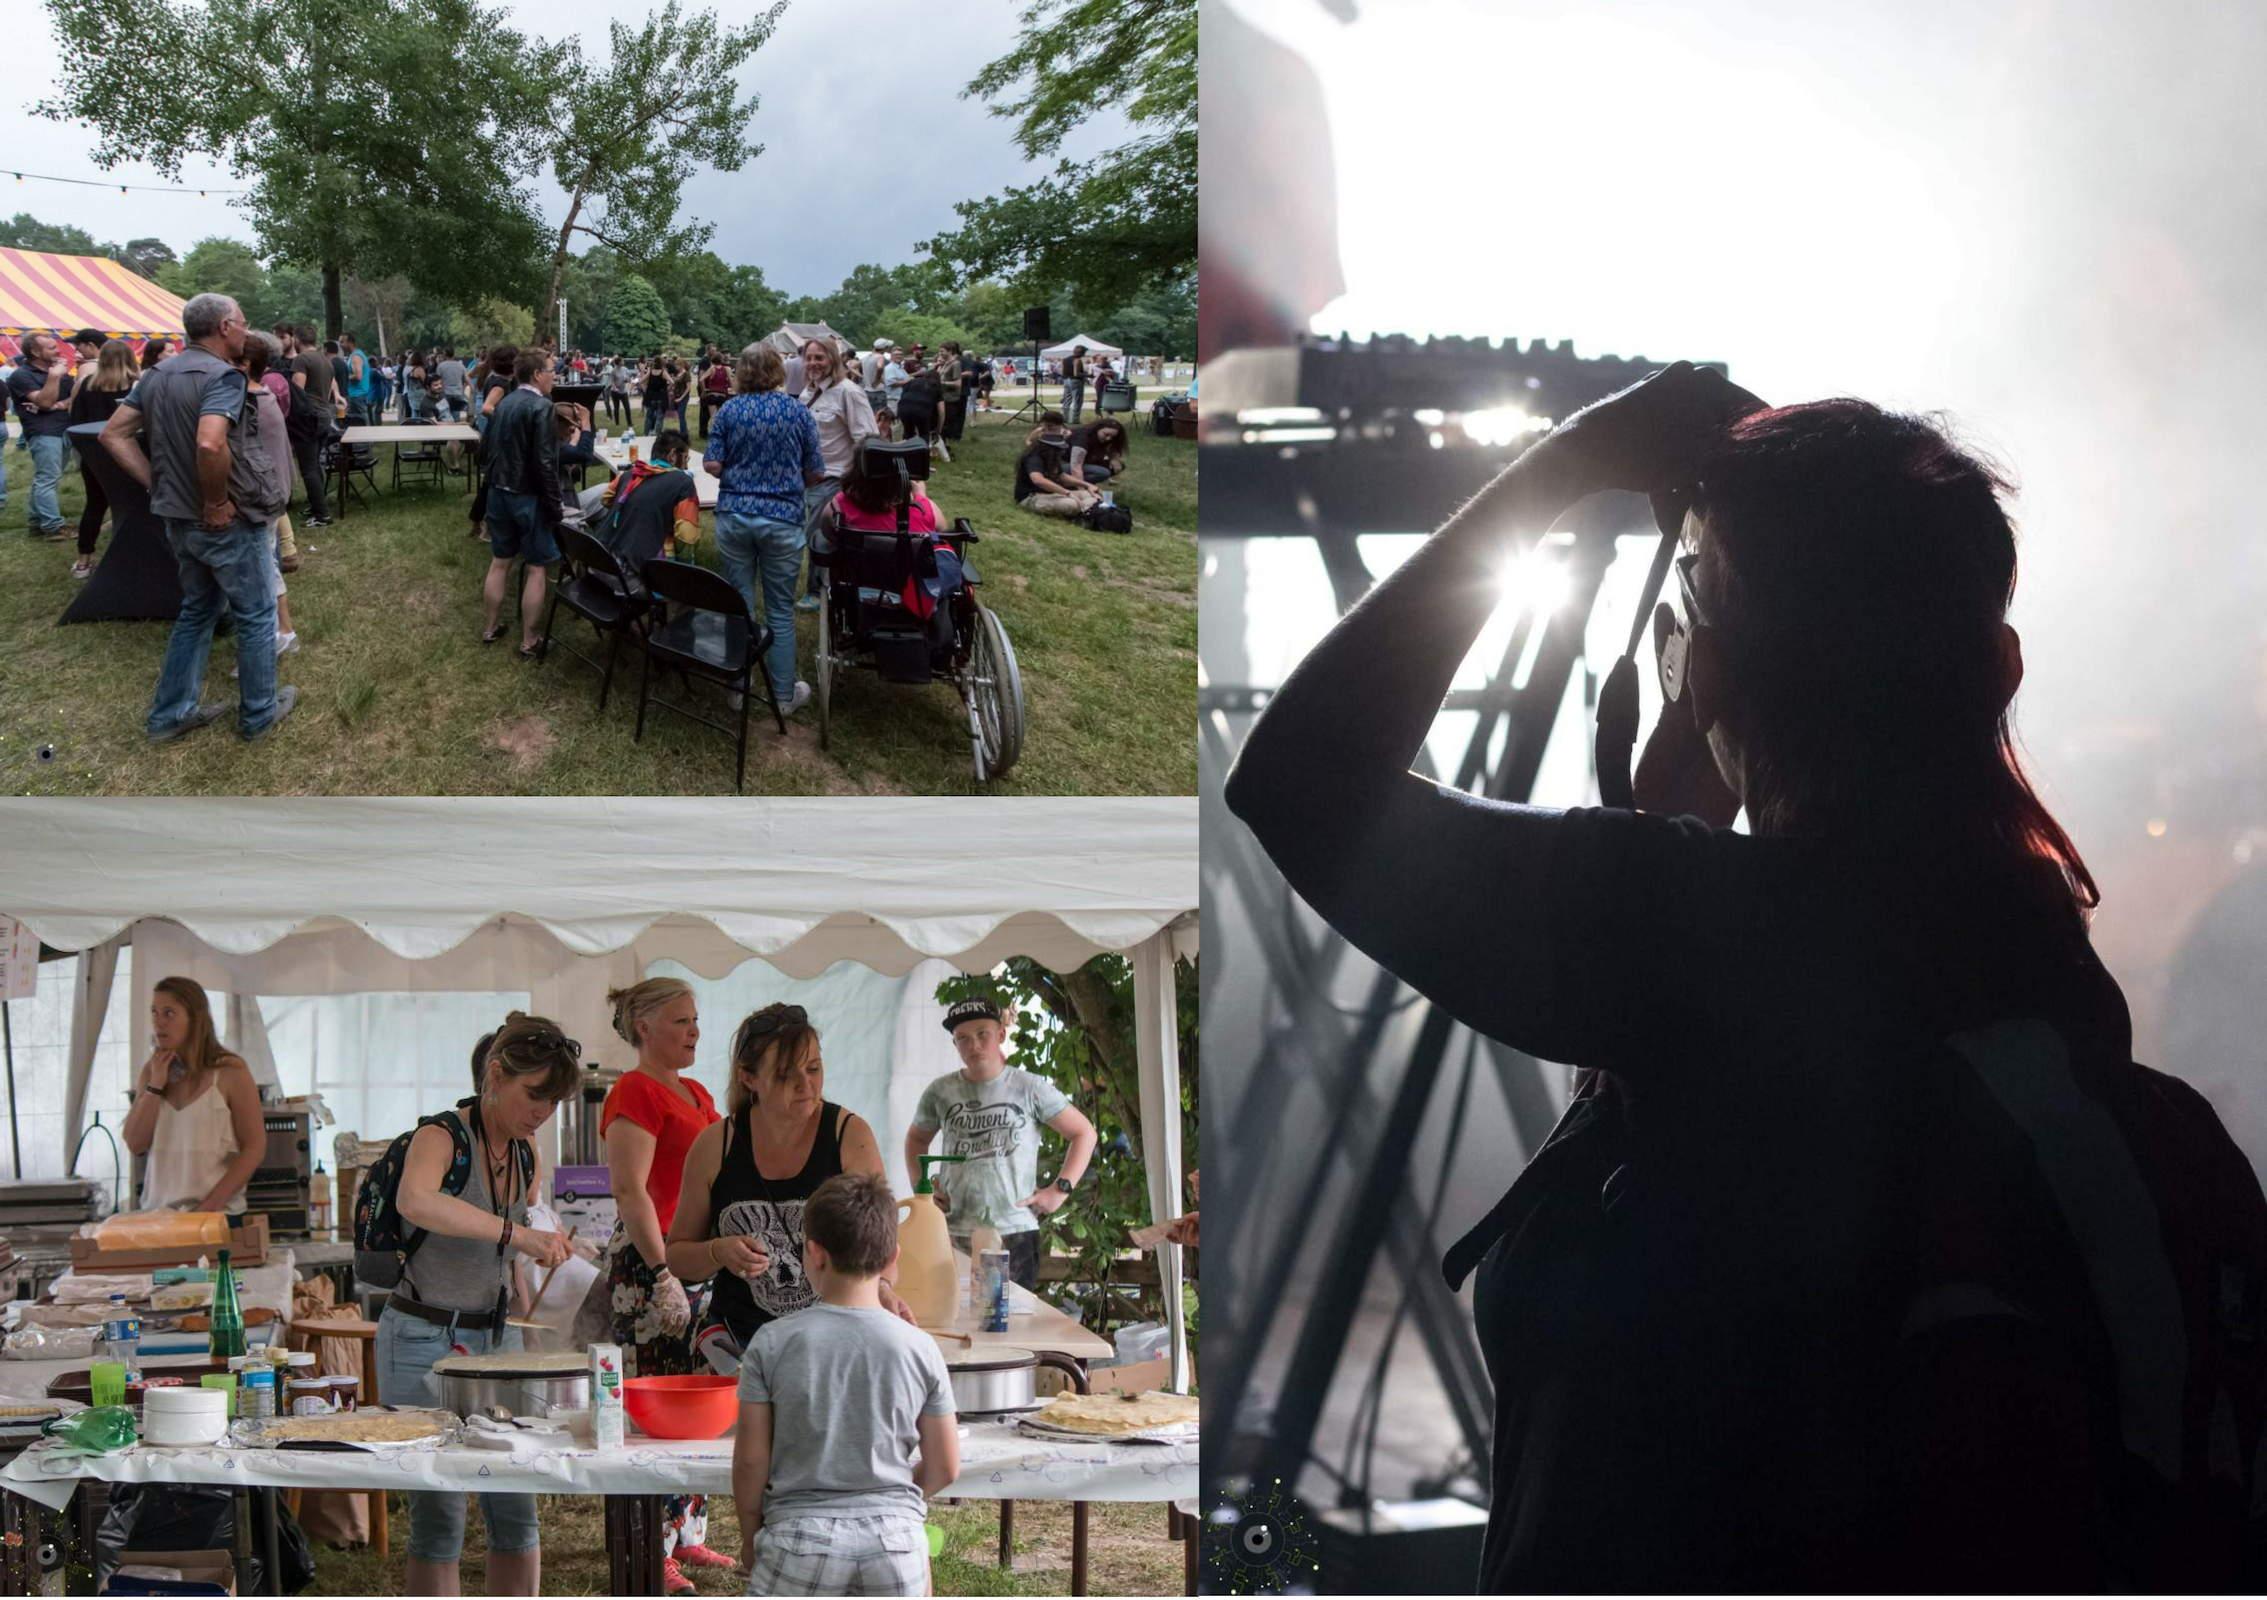 Ambiance BrioFolies 2018 - Festival rock - Brières les Scellés - Essonne 91